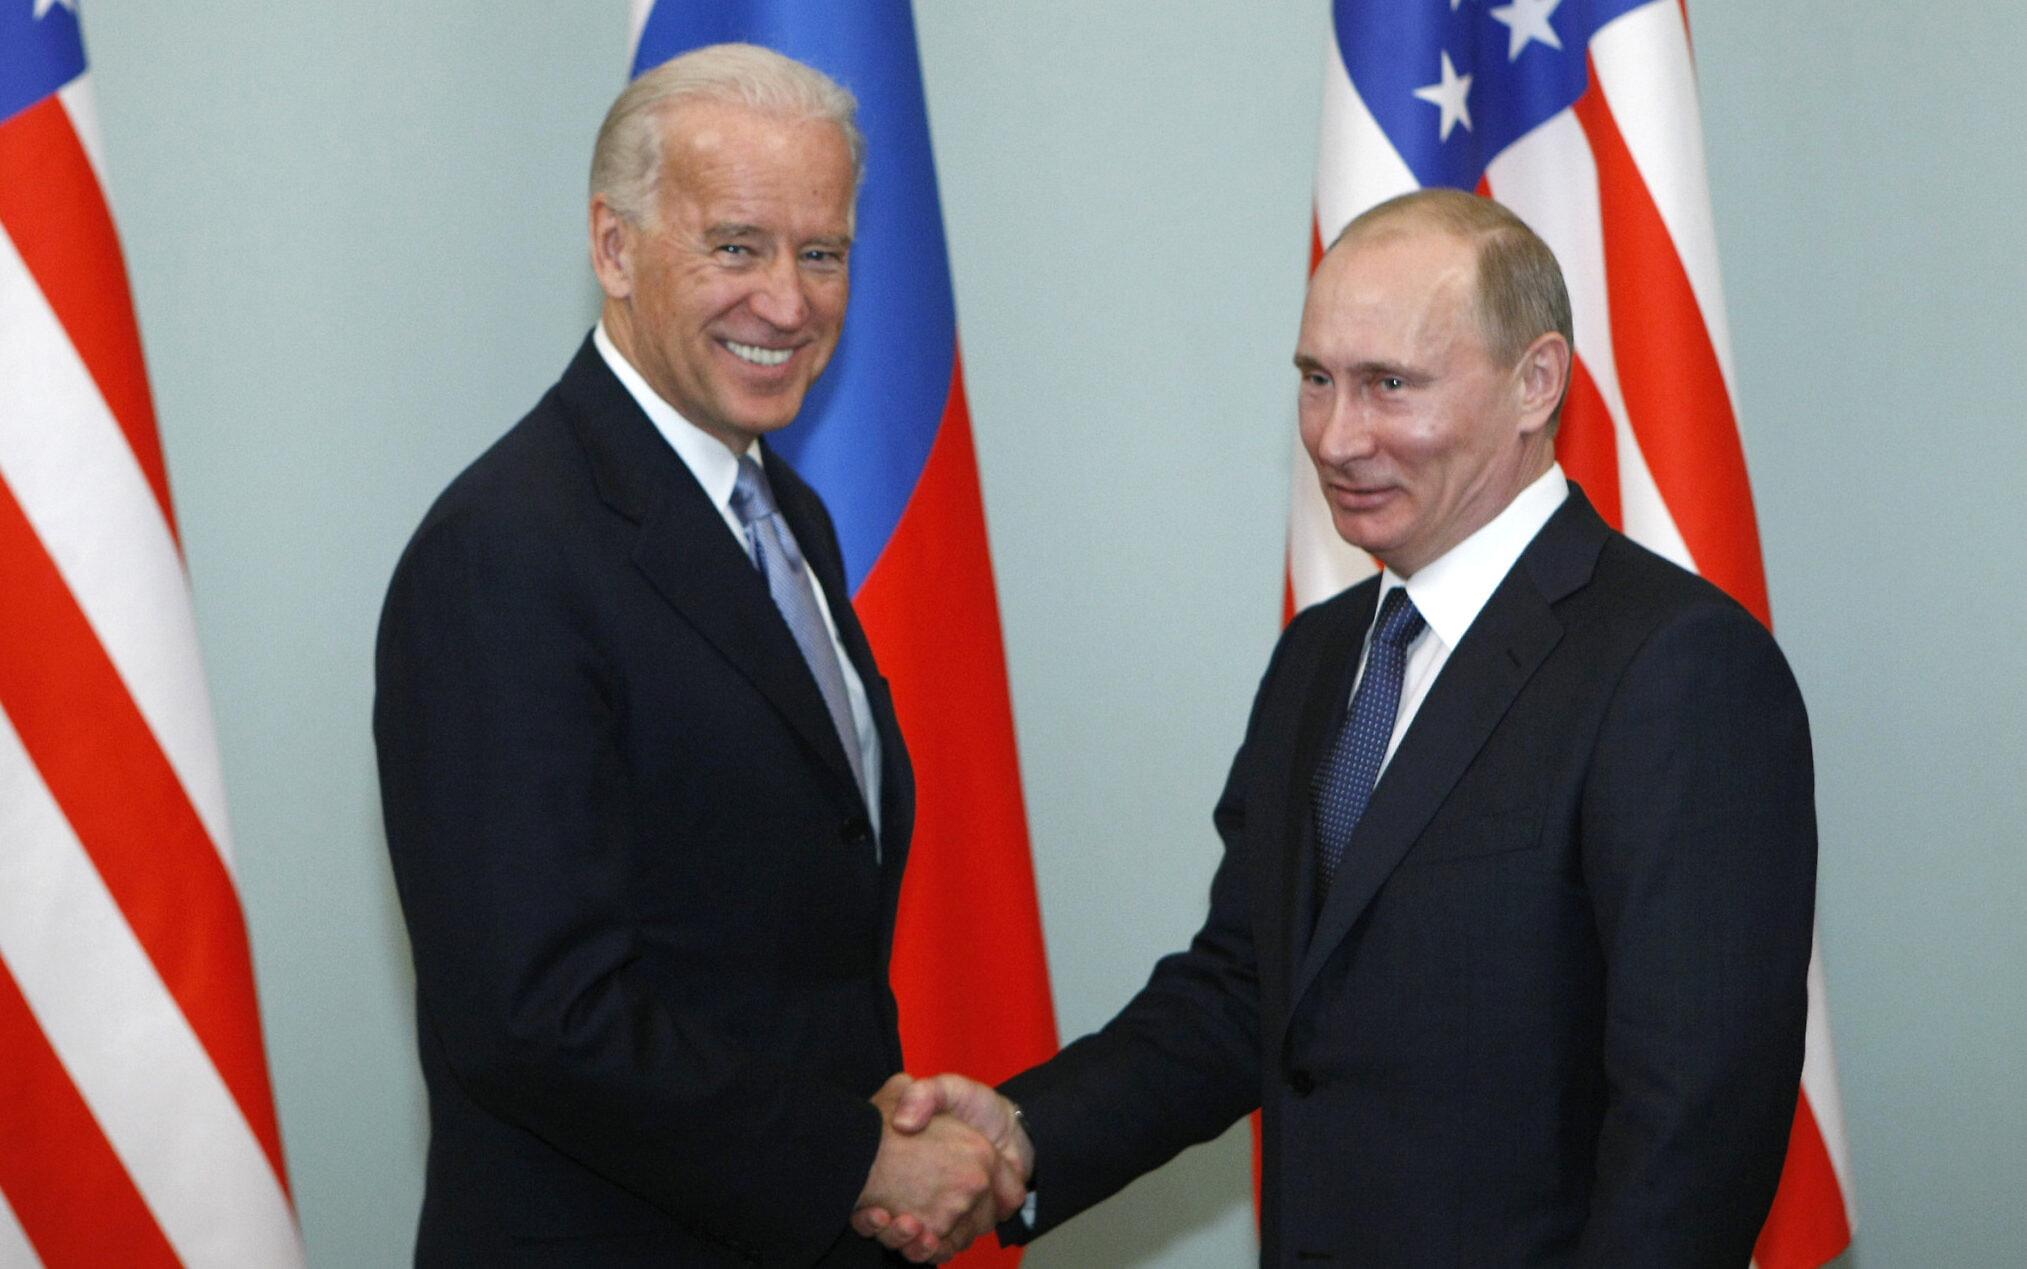 Russia recalls US envoy after Biden calls Putin a 'killer' | The Times of  Israel